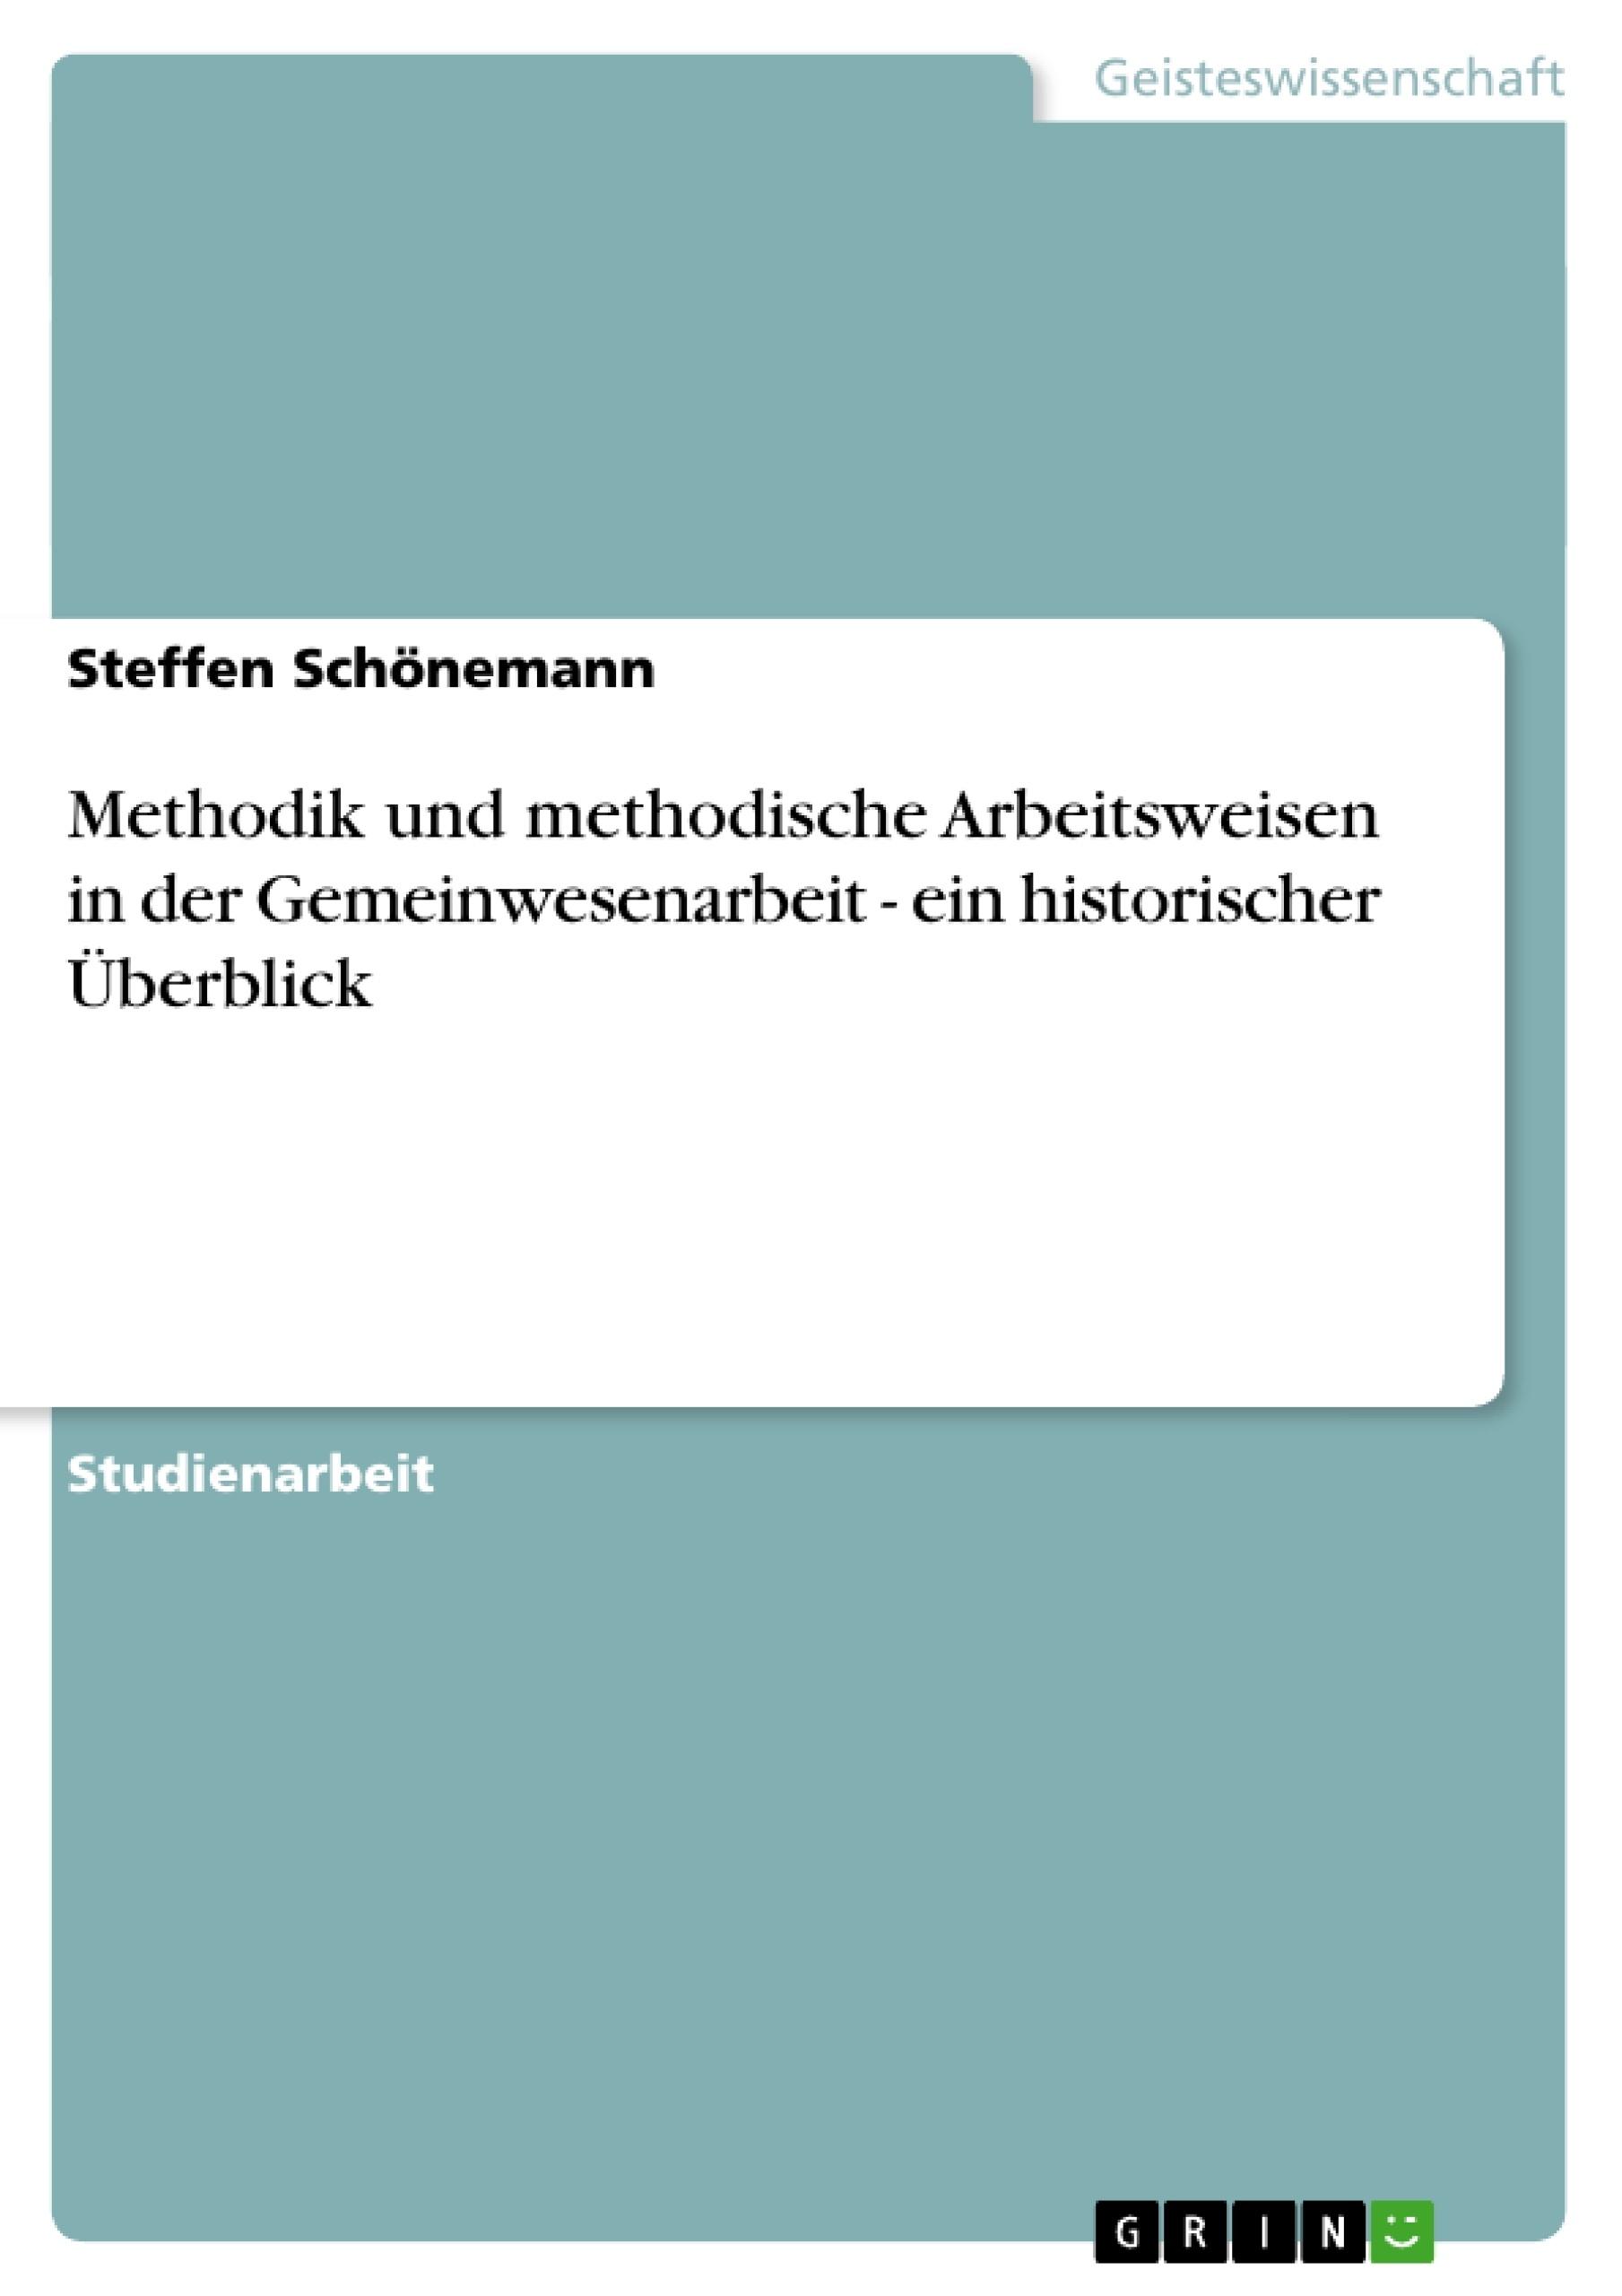 Titel: Methodik und methodische Arbeitsweisen in der Gemeinwesenarbeit - ein historischer Überblick